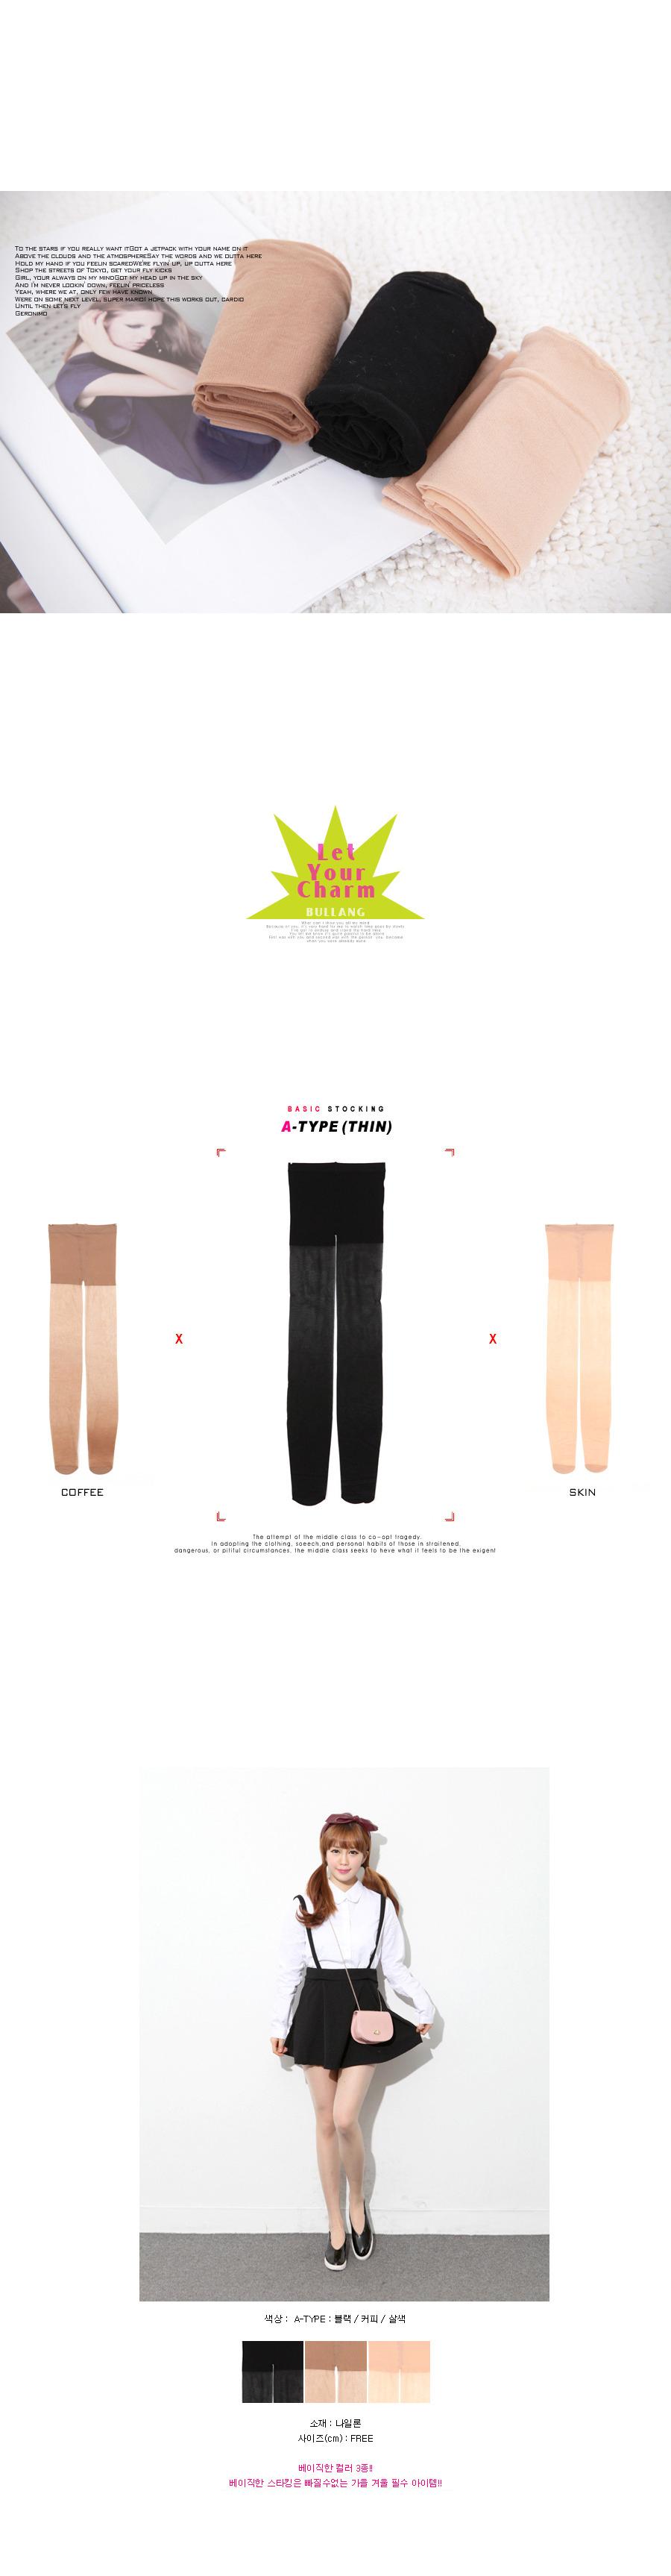 Basic stockings